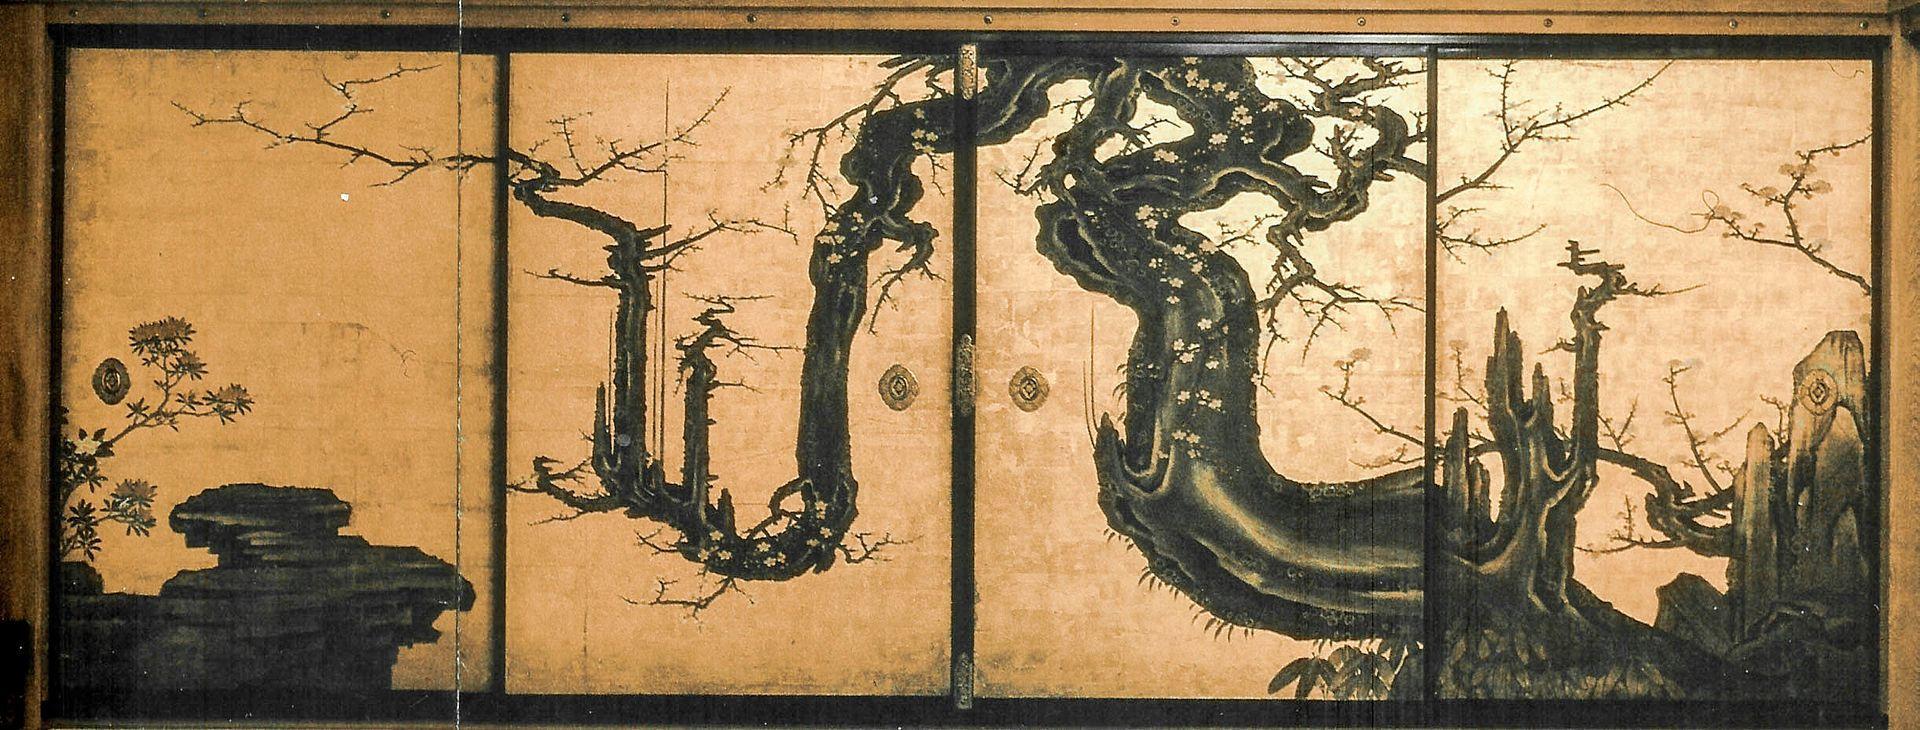 『老梅図襖絵』四面 狩野山雪作  1647年 メトロポリタン美術館蔵 出典=ウィキメディア・コモンズ (Wikimedia Commons)